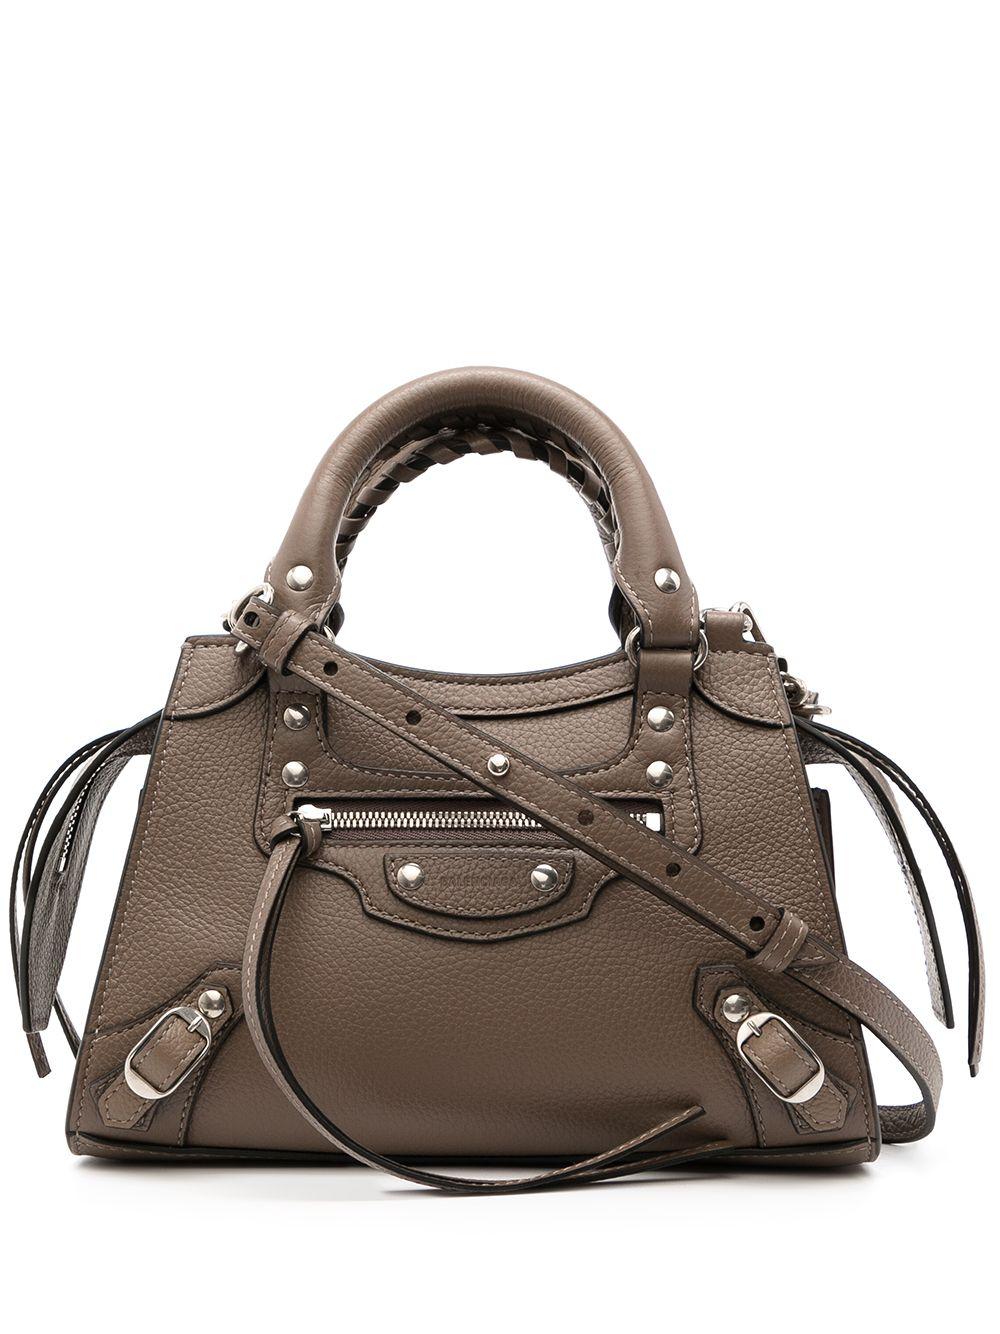 Picture of Balenciaga   Mini Neo Classic City Tote Bag